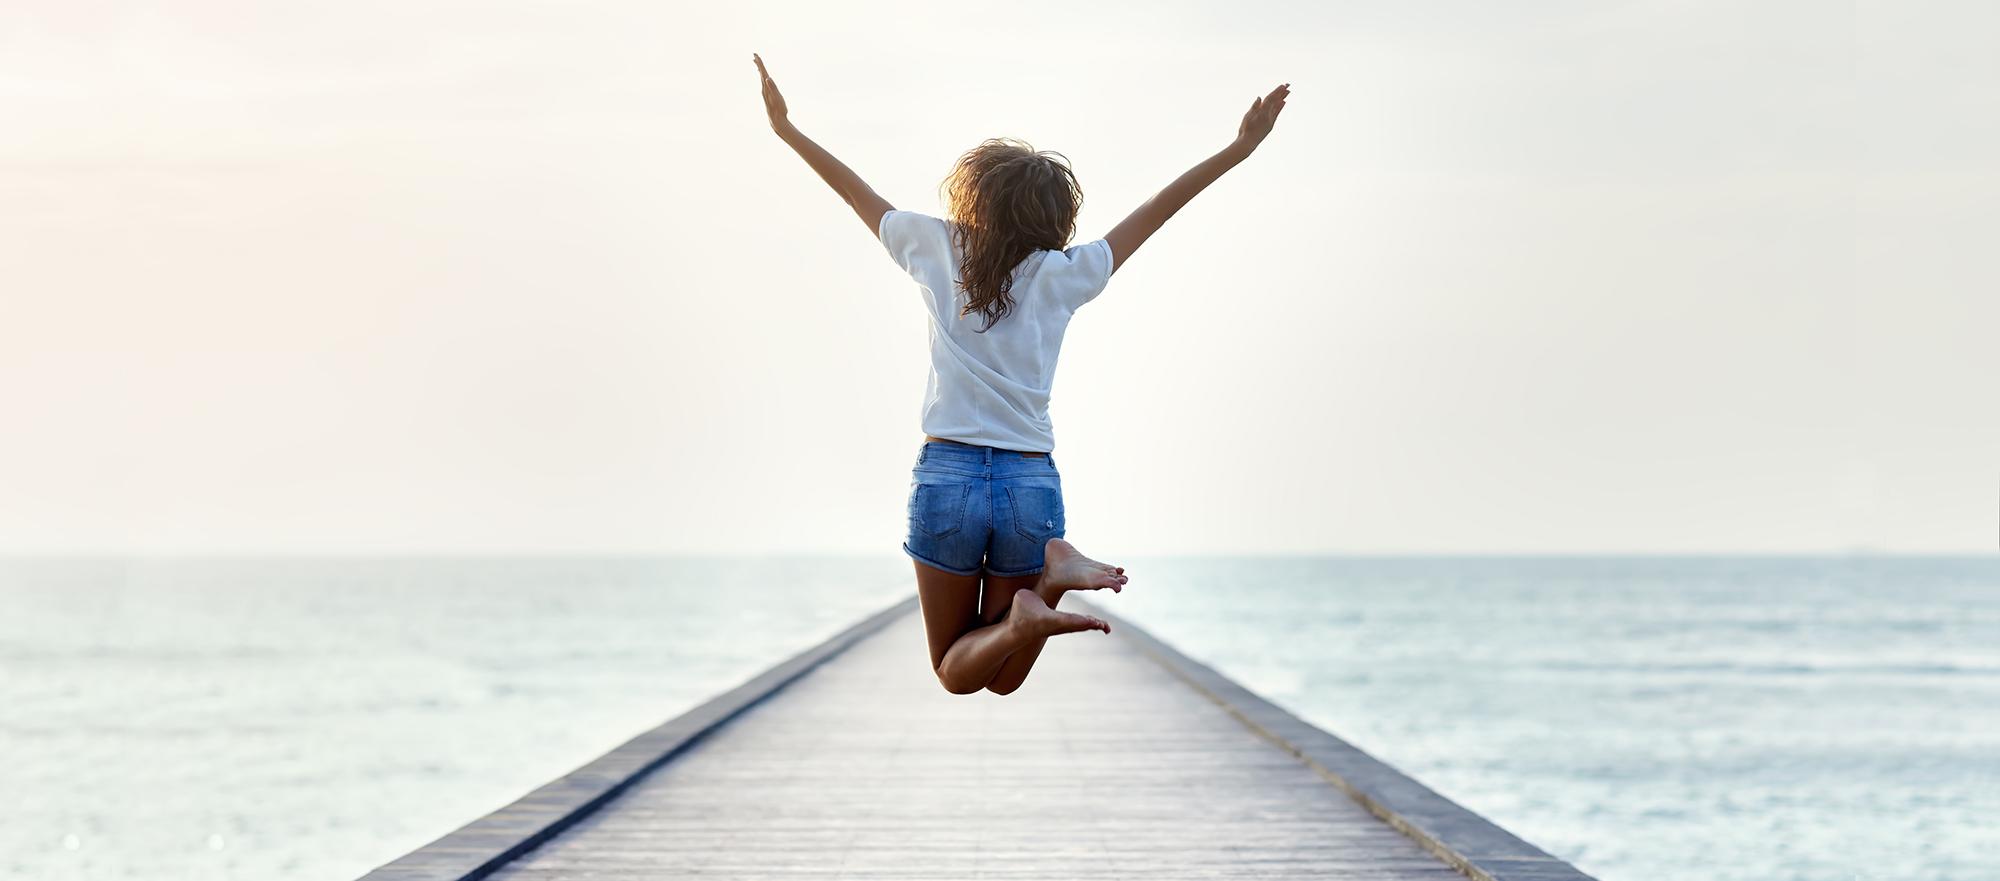 Kvinna som hoppar glädjefyllt på brygga